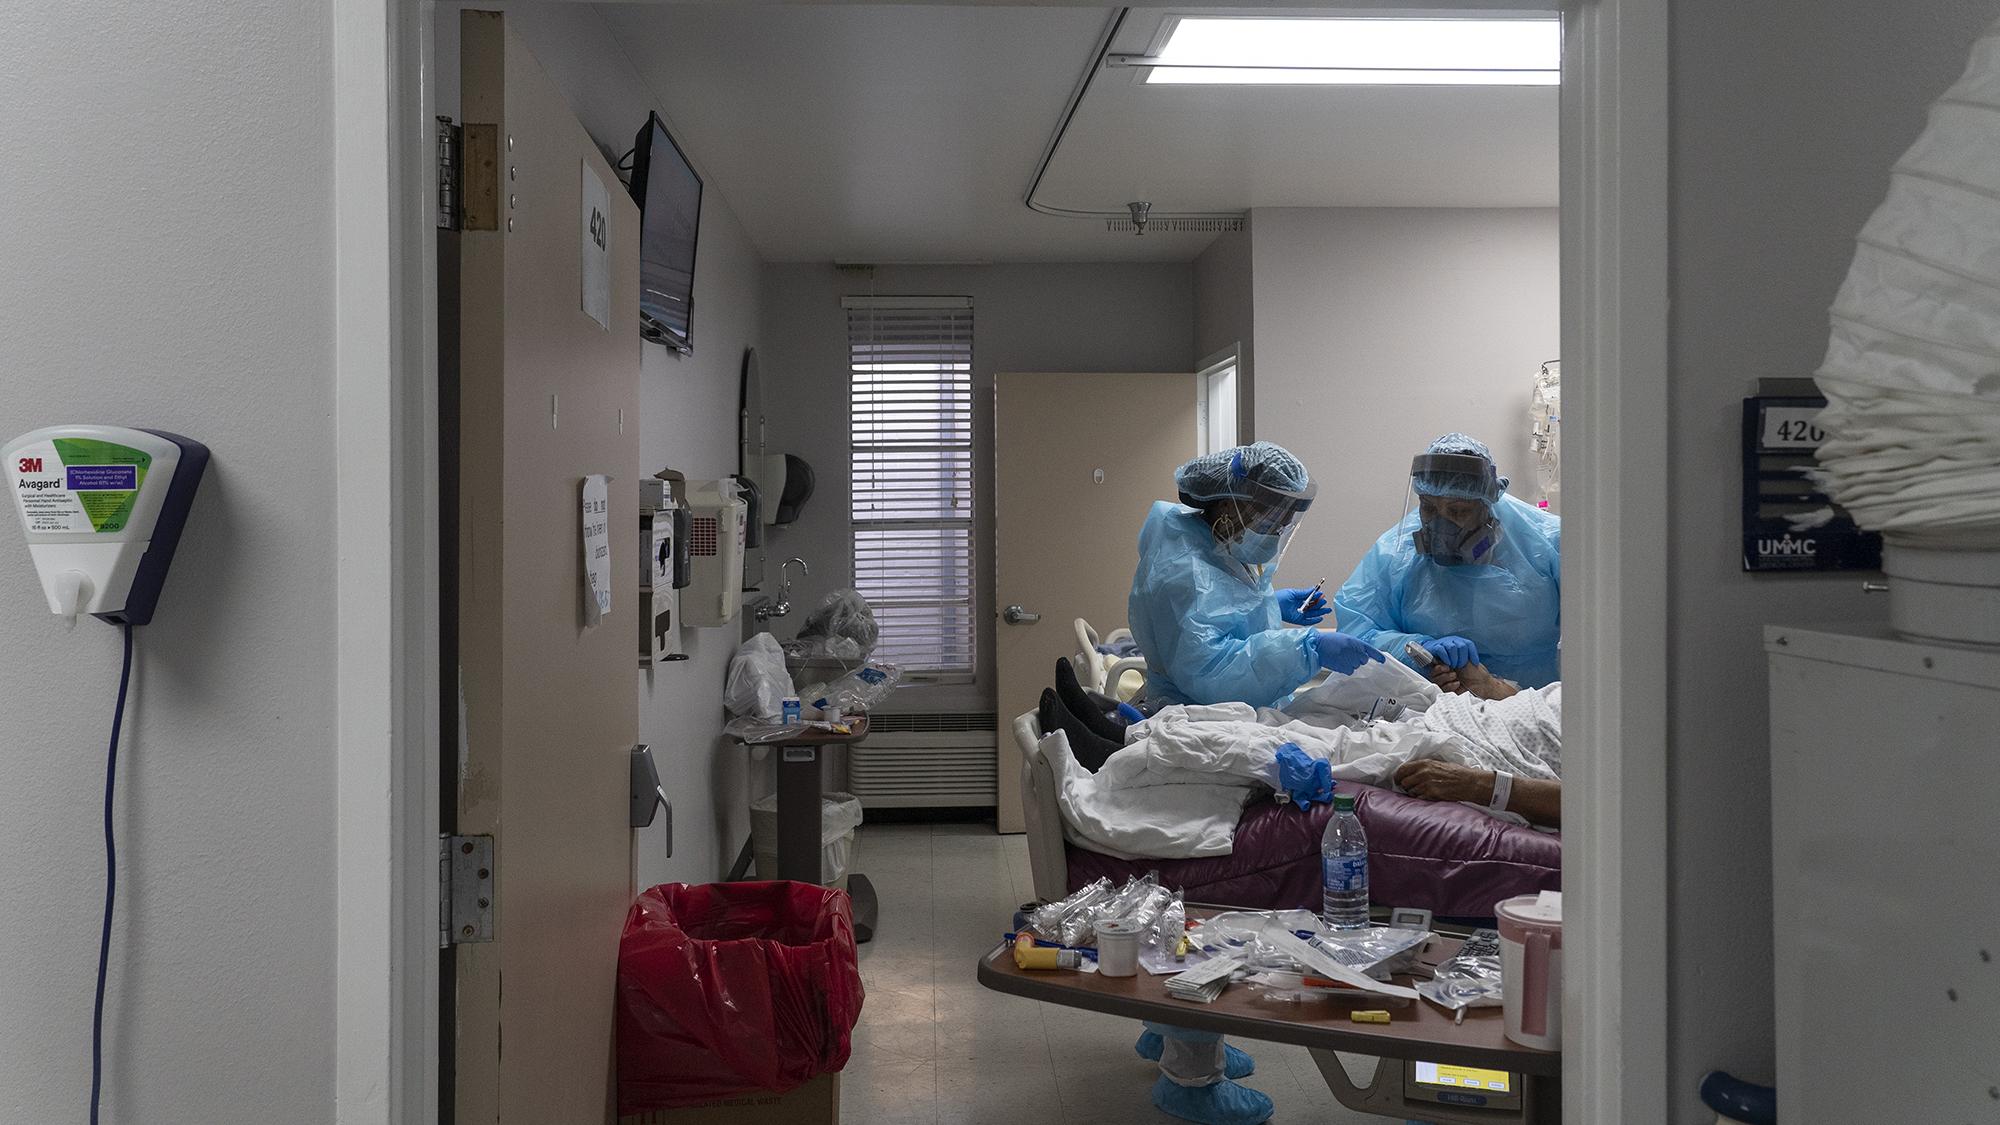 危机护理标准:纽约市医院的COVID-19经验